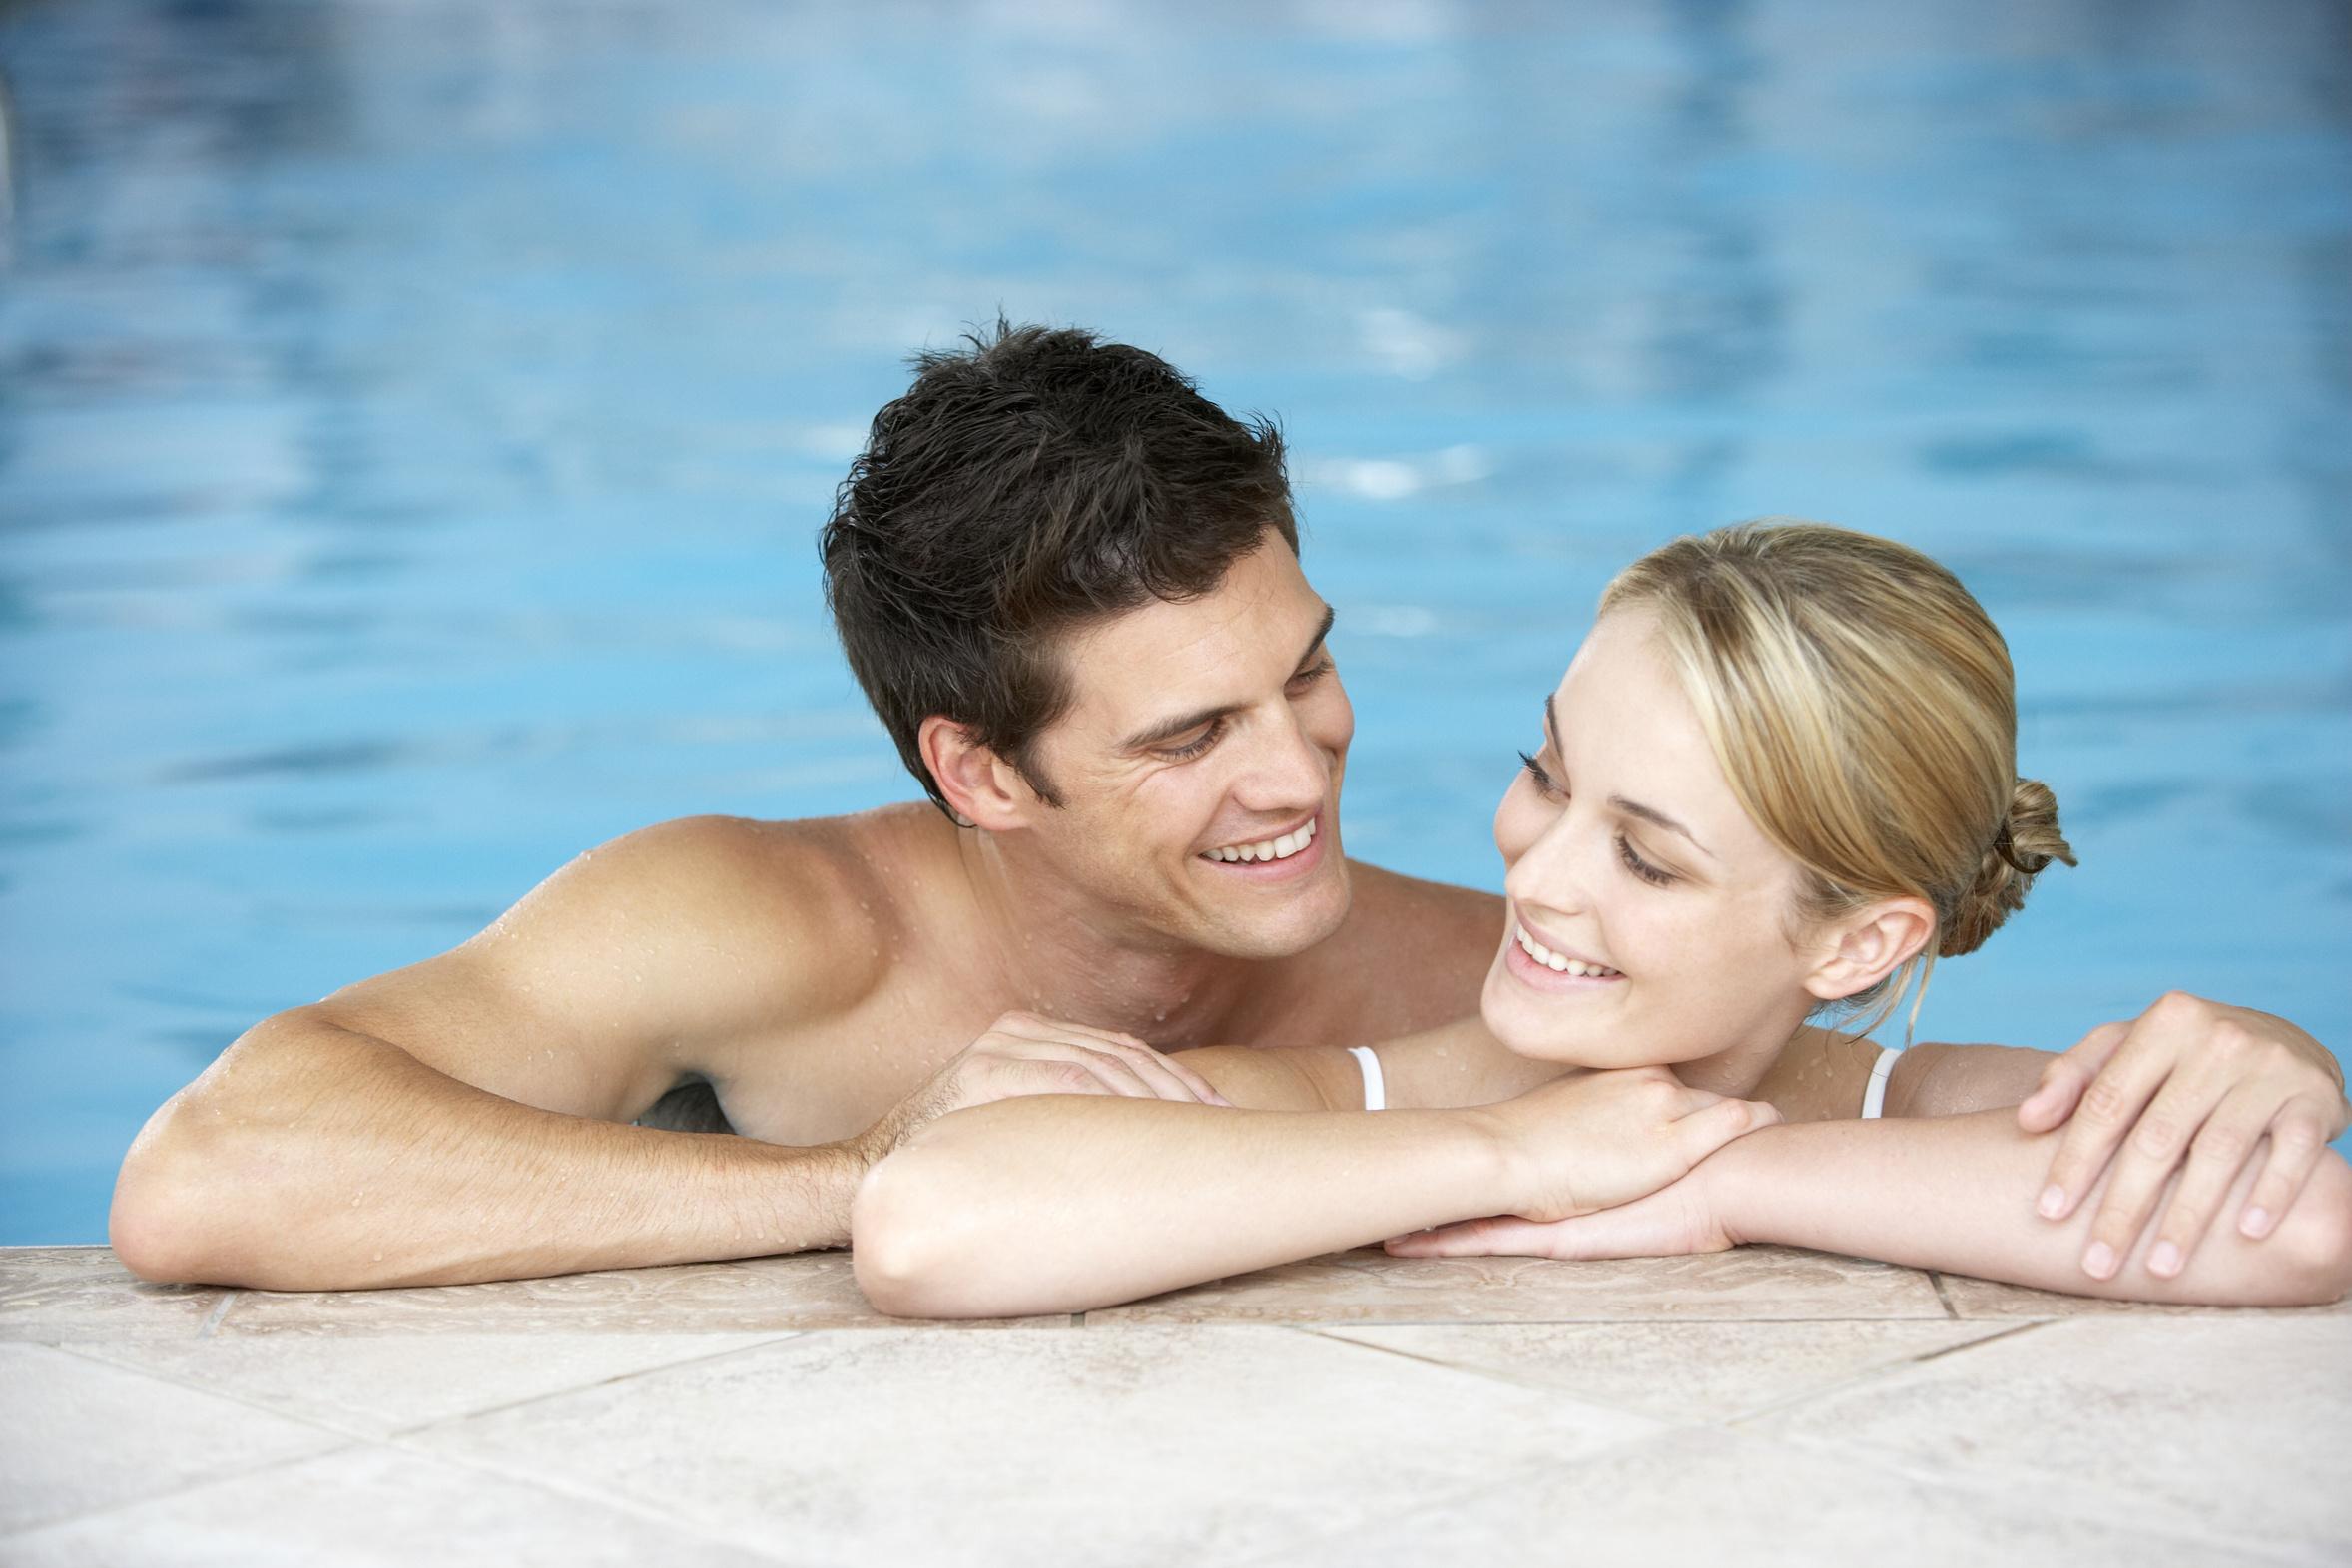 Фото муж и жена в бассейне, красивые картинки красивом белье